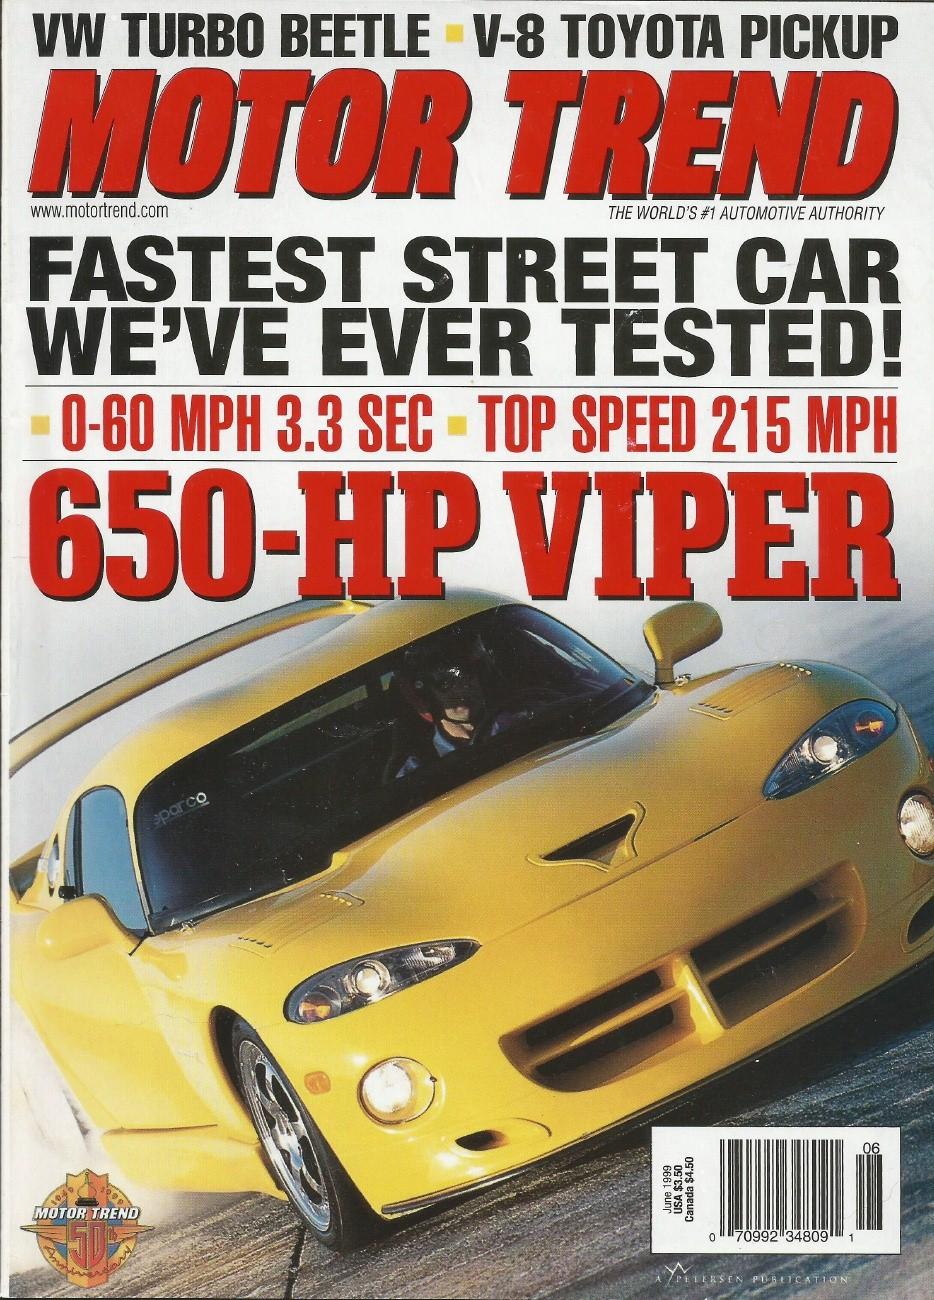 MOTOR TREND 1999 JUNE - HENNESSY, LIGHTNING, AMG E55 - 1990-1999 - JIM'S  MEGA MAGAZINES